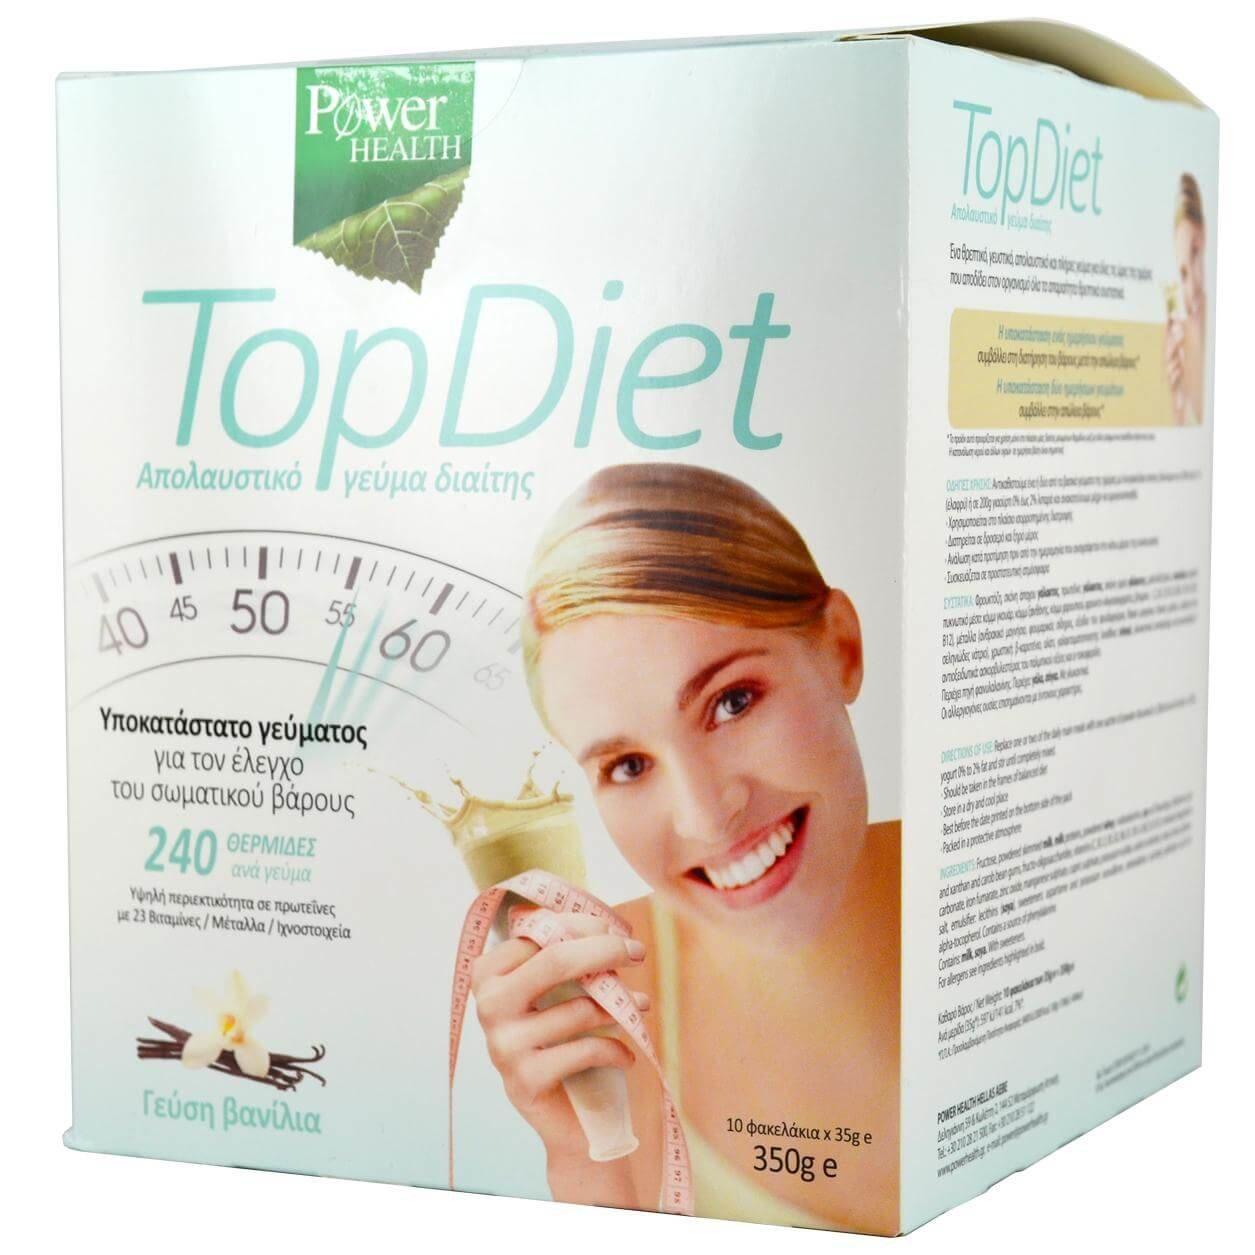 Power Health Top Diet Υποκατάστατο Γεύματος για τον Έλεγχο του Σωματικού Βάρους 10sachets x 35gr – Chocolate